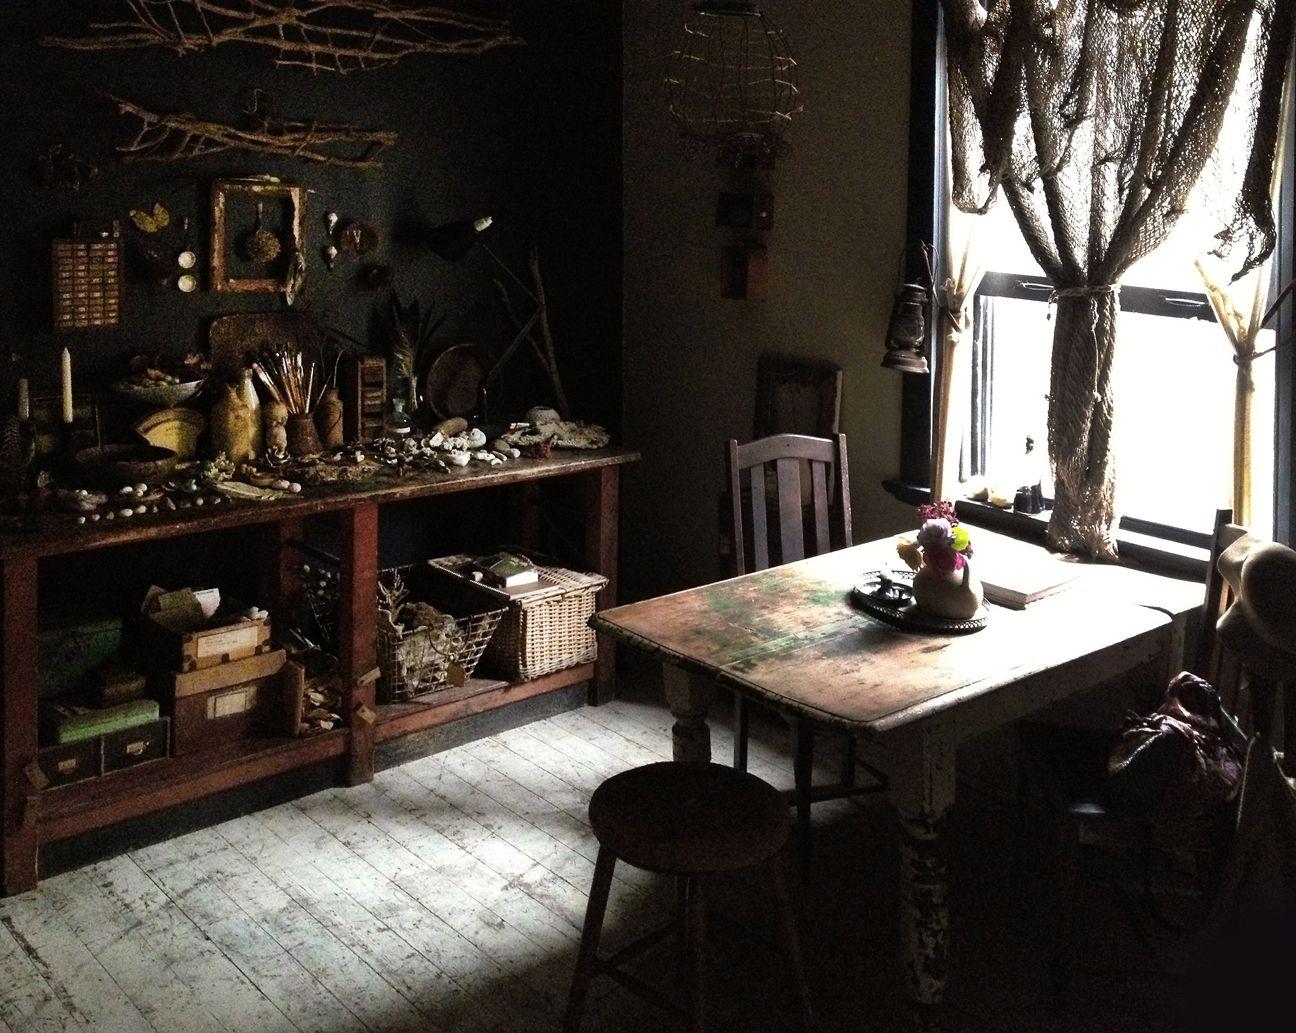 http://www.mrandmrscharlie.com/images/blog_images/large/dinningroom2.jpg